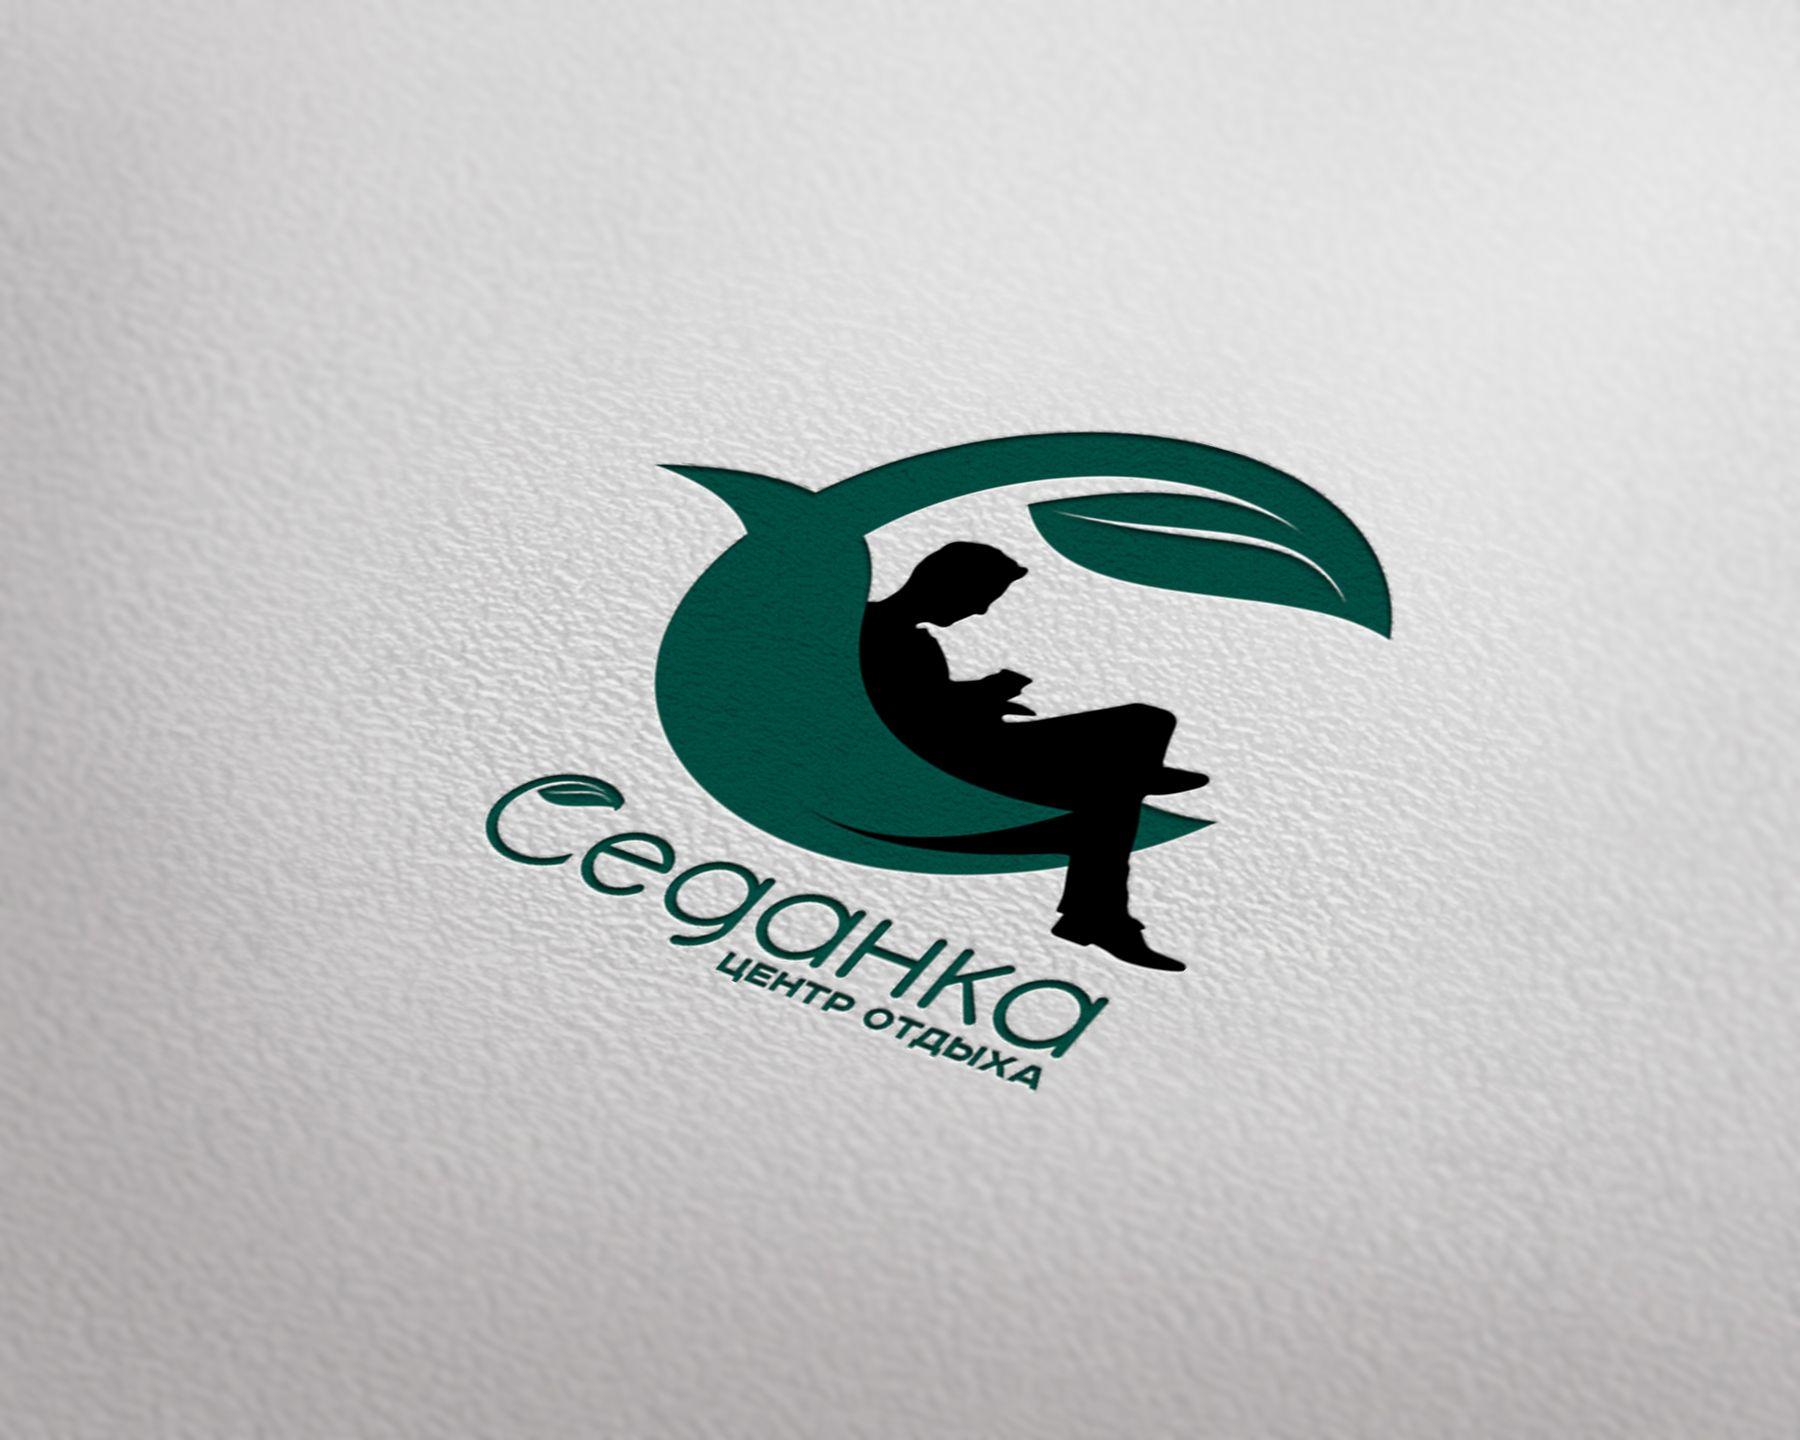 Логотип для центра отдыха - дизайнер Advokat72